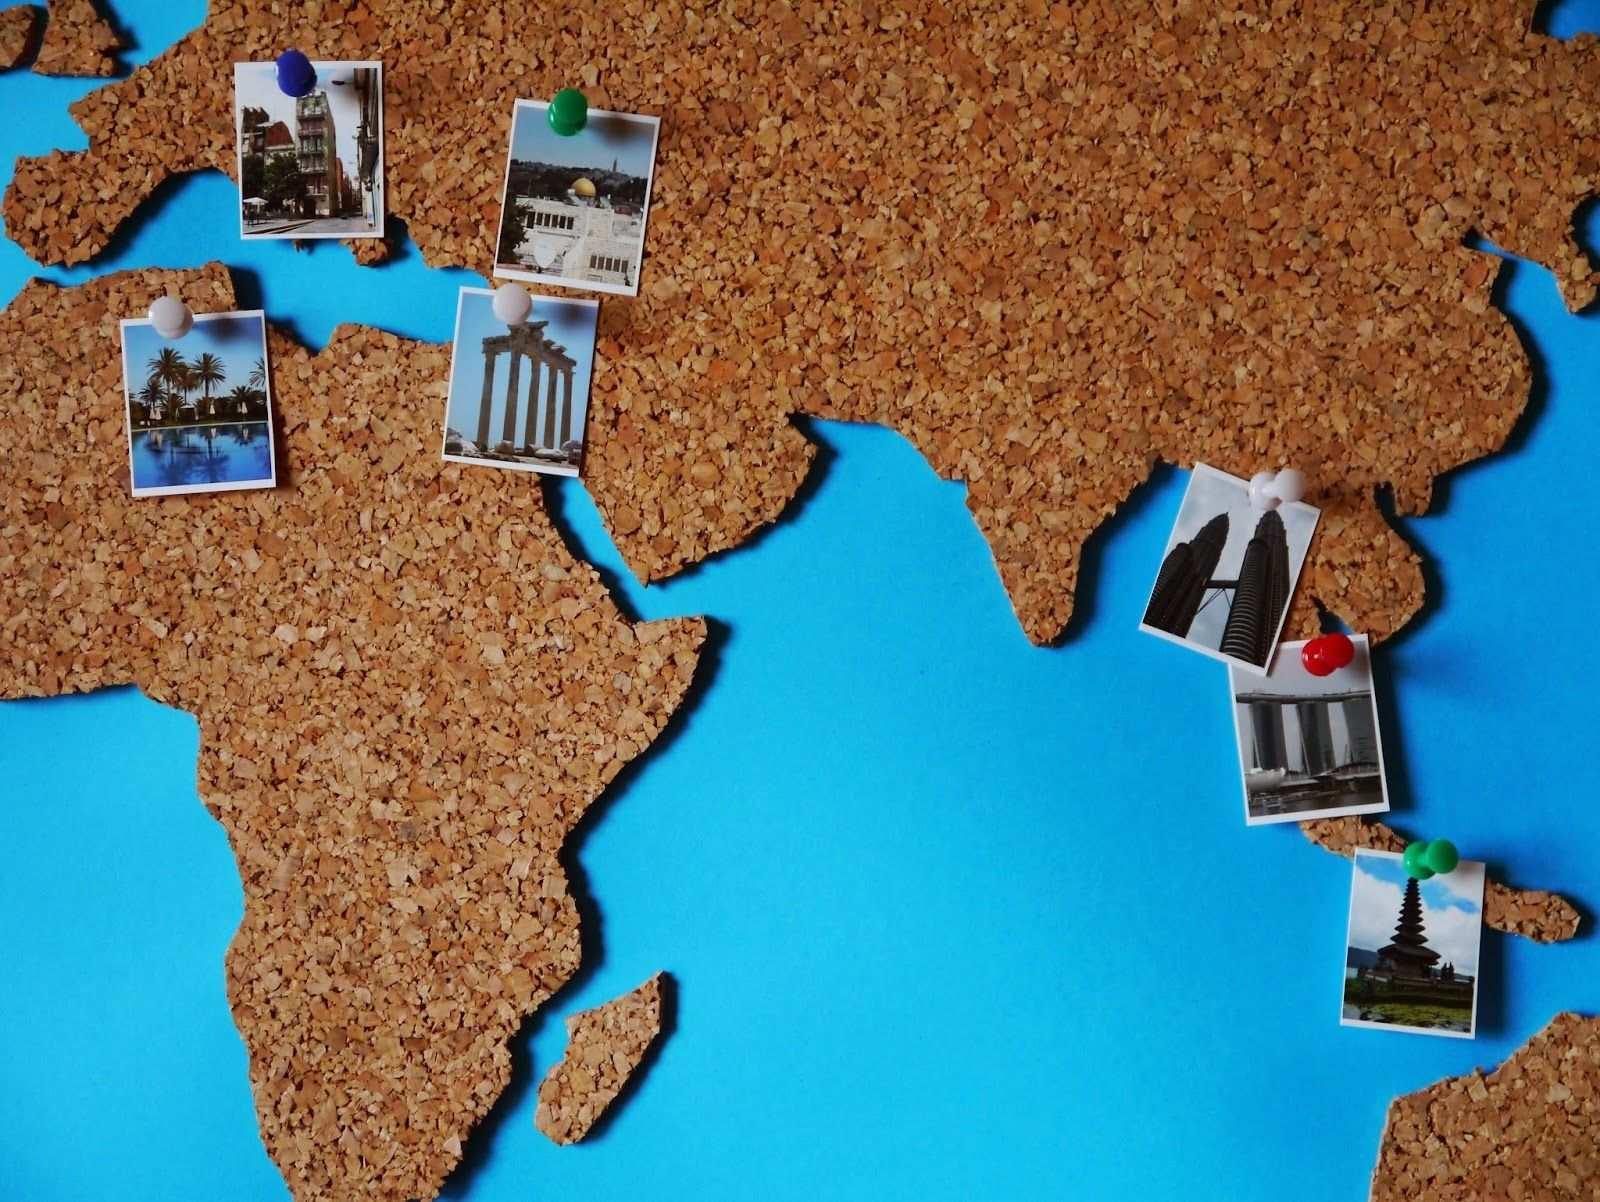 Diy Weltkarte Aus Kork Diy Geschenke Basteln Weltkarte Basteln Diy Sachen Weltkarte Kork